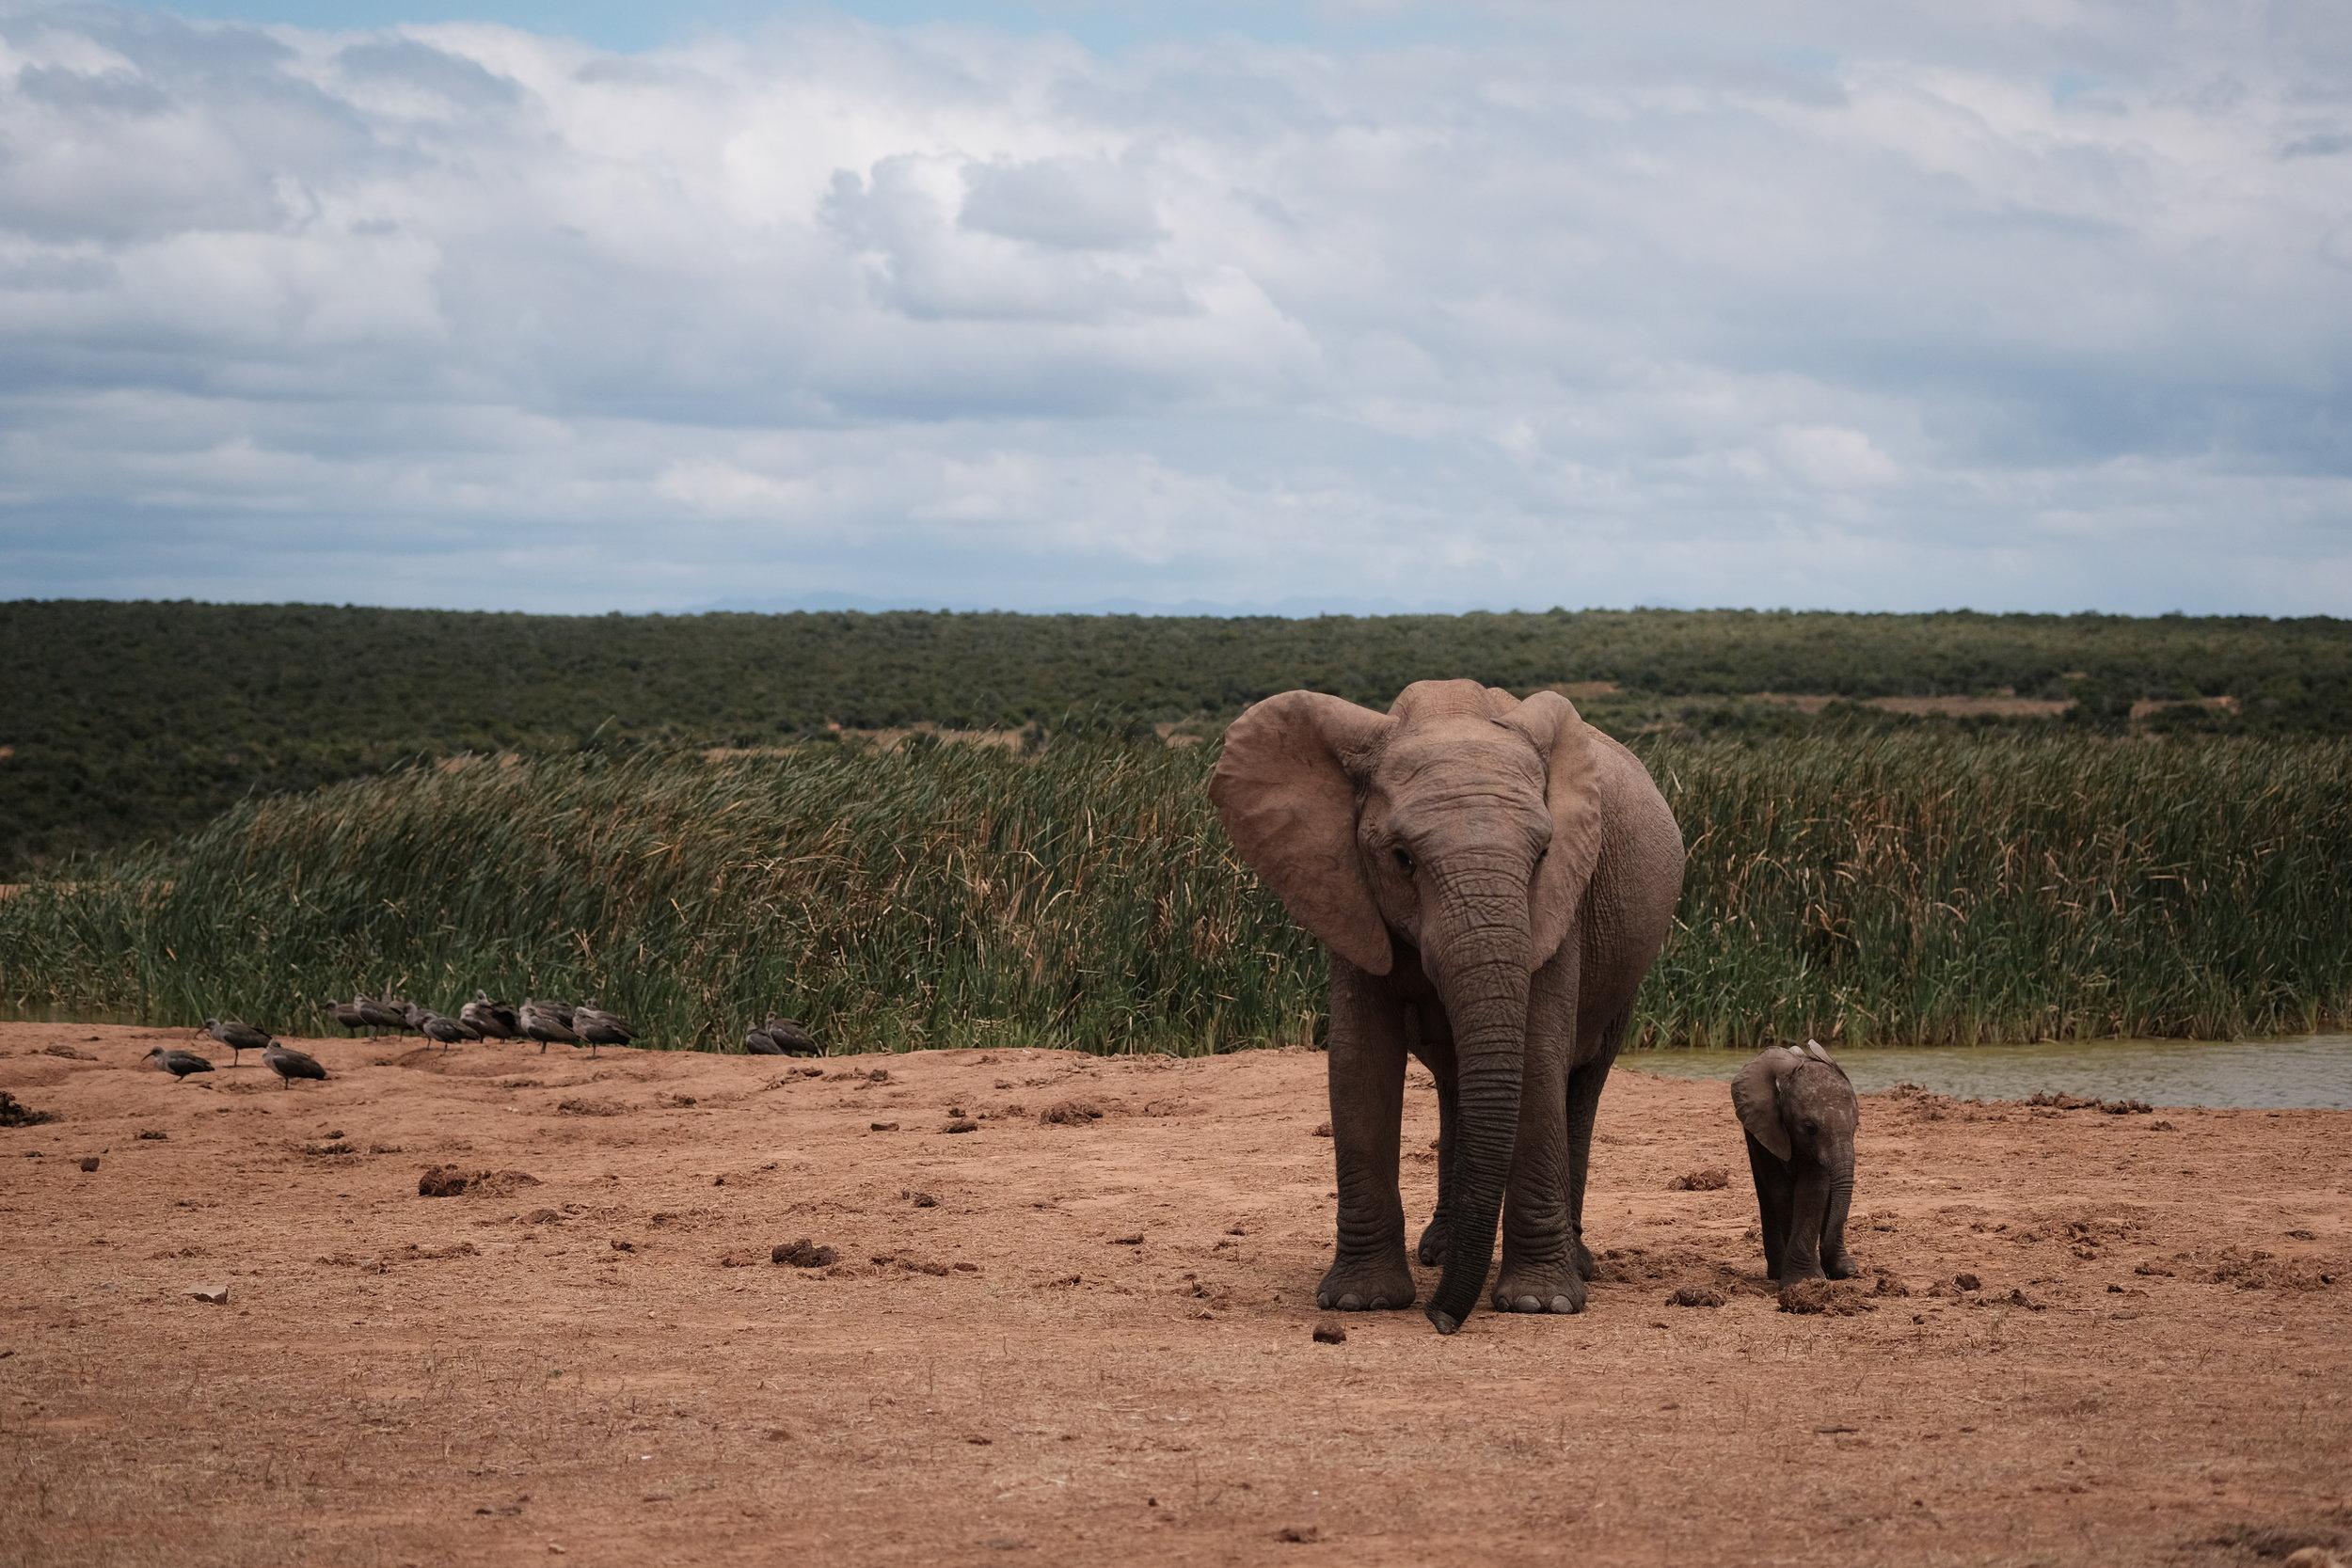 Elephant in Addo, Fuji X-Pro2 + 60mm f/2.4